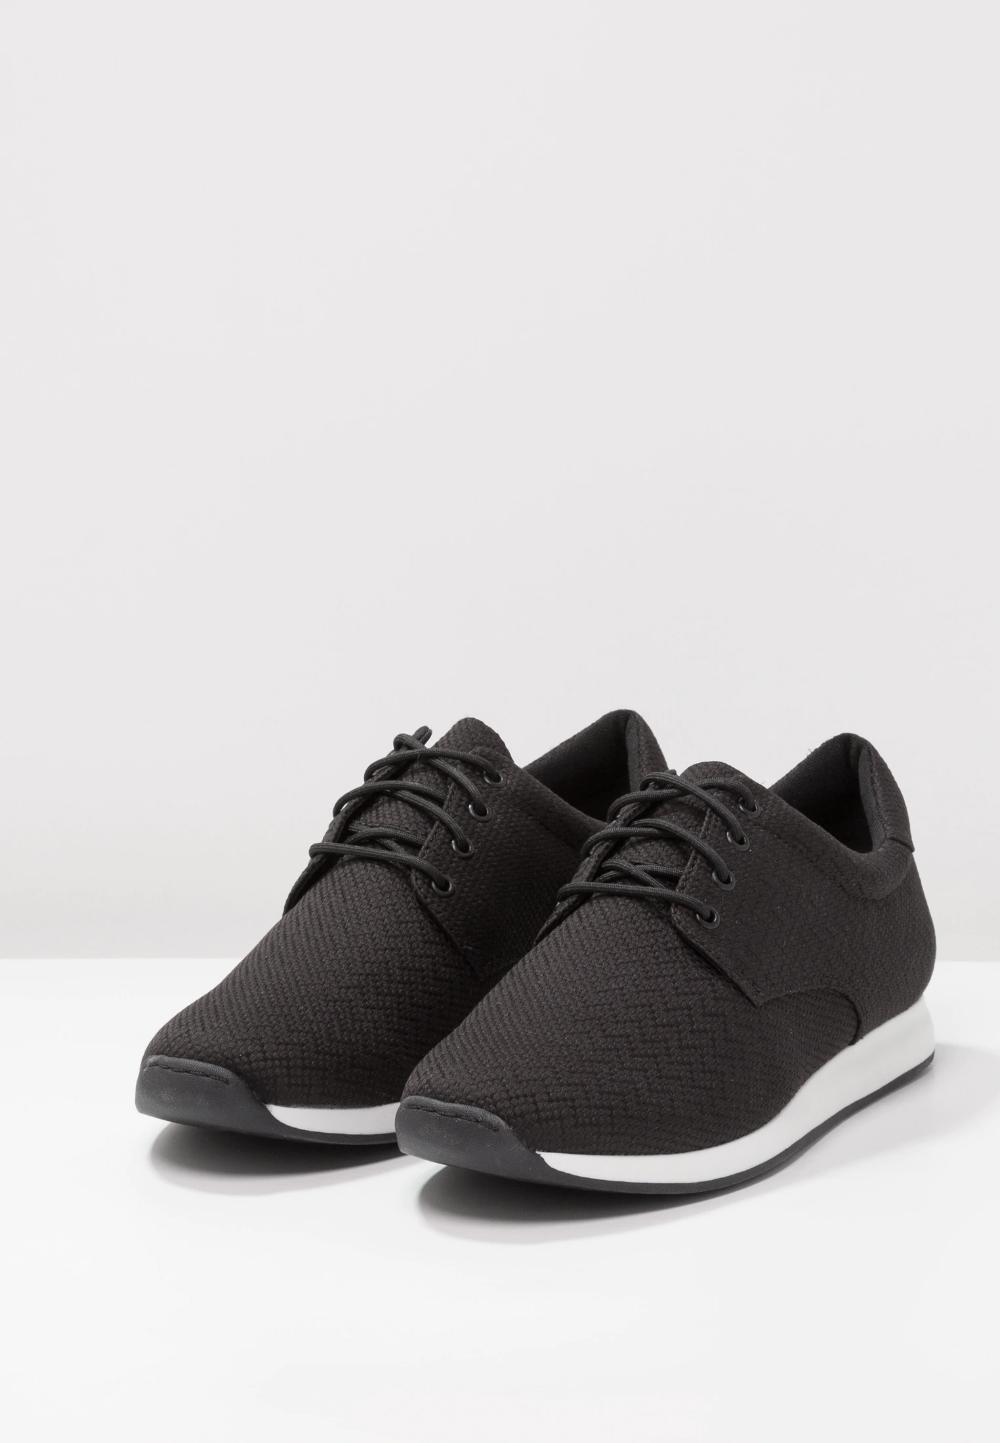 Vagabond Kasai 2 0 Sneakersy Niskie Black Zalando Pl Sneakers Black All Black Sneakers